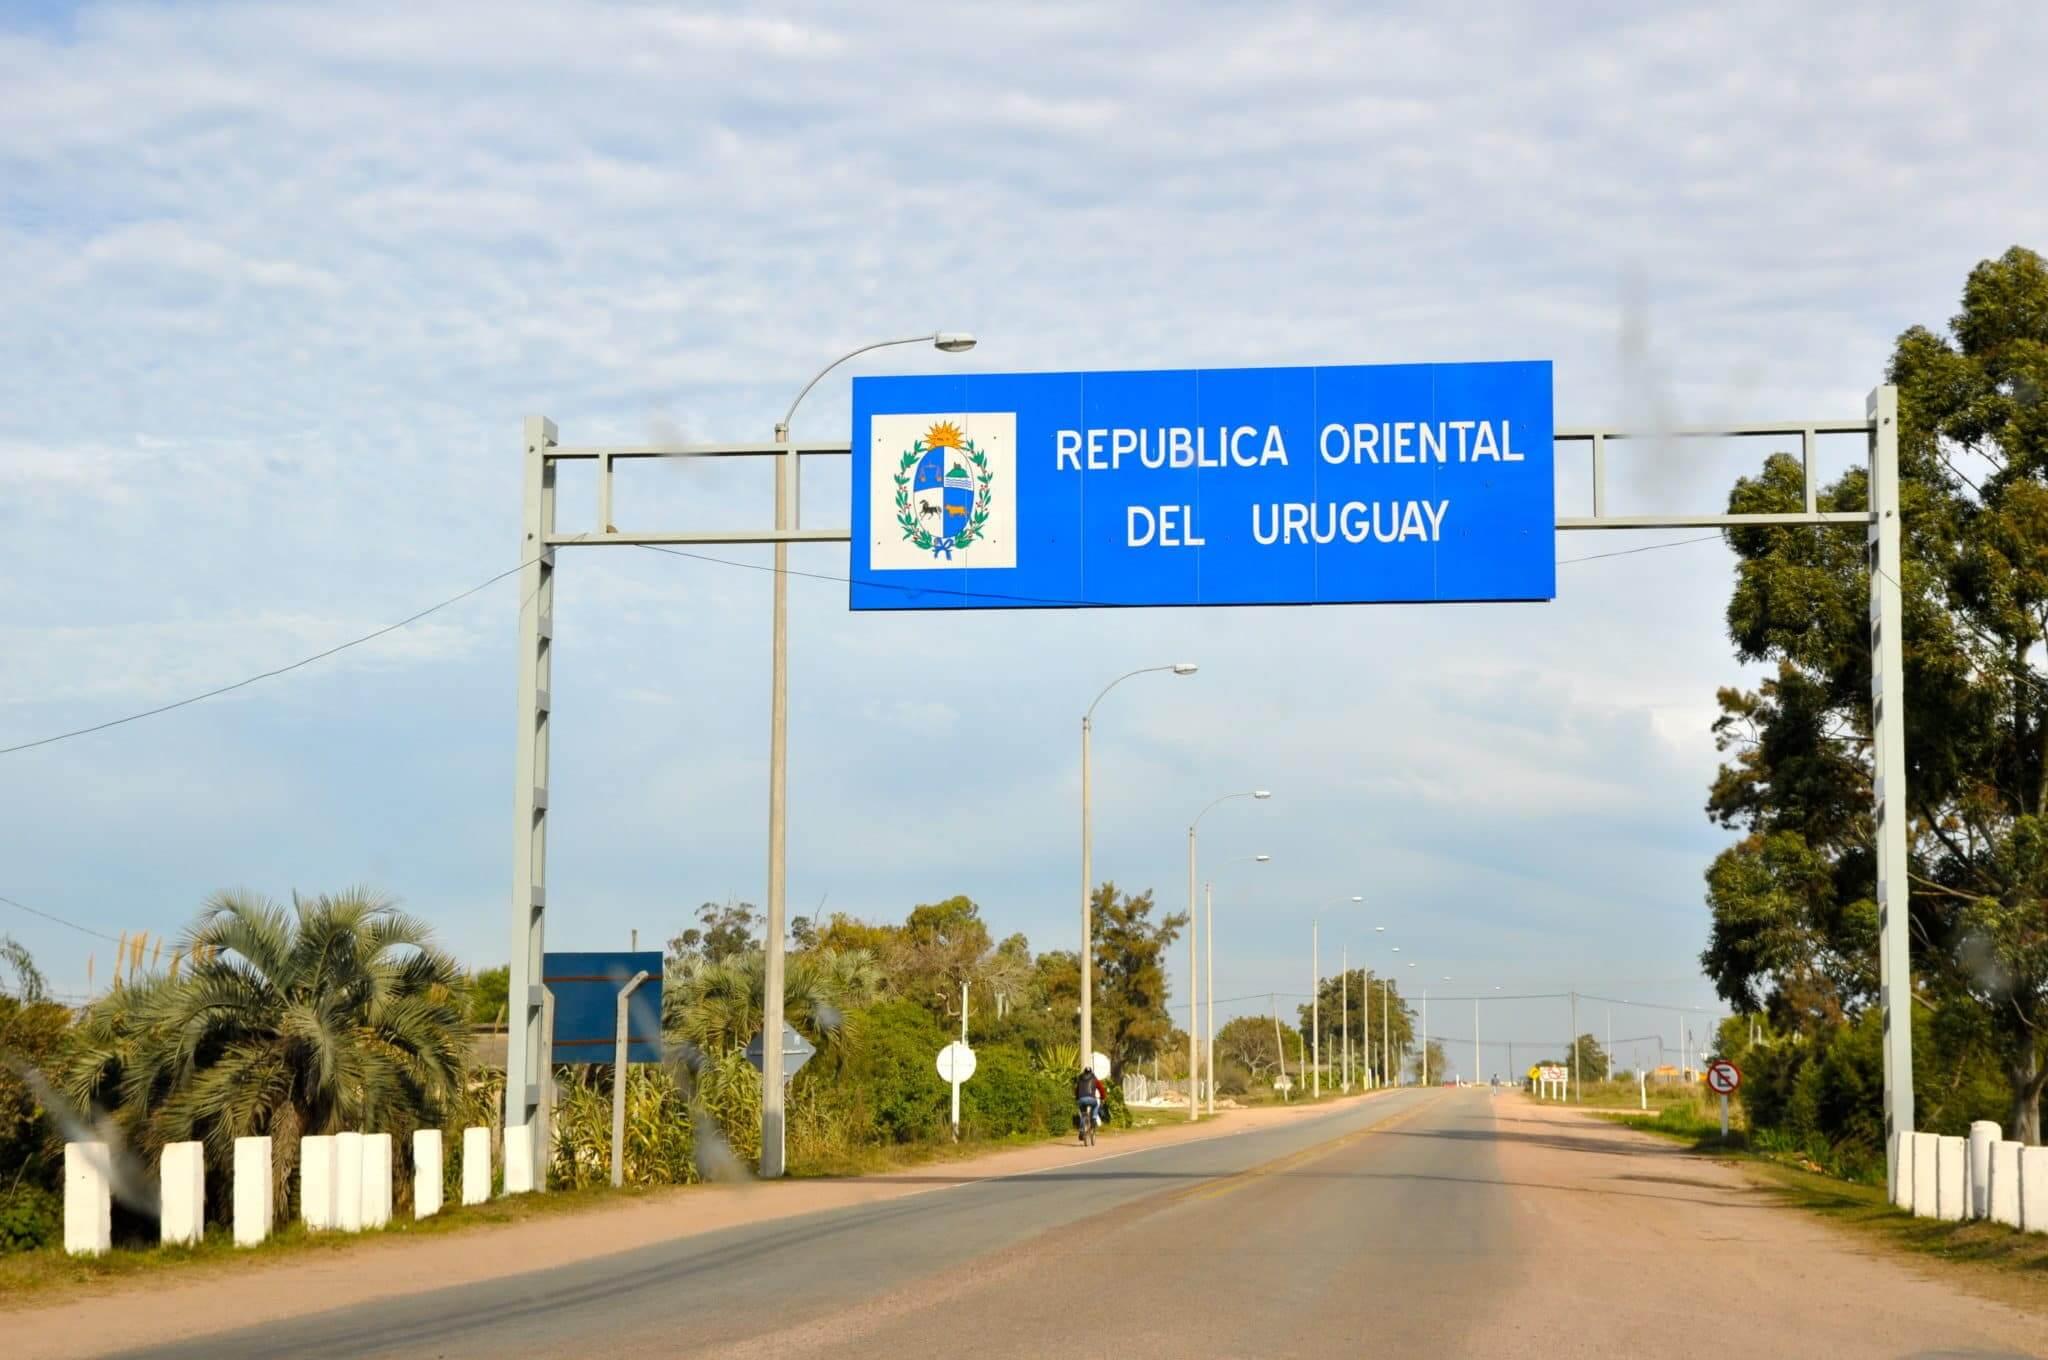 Aluguel de carro em Montevidéu: seguro para carro